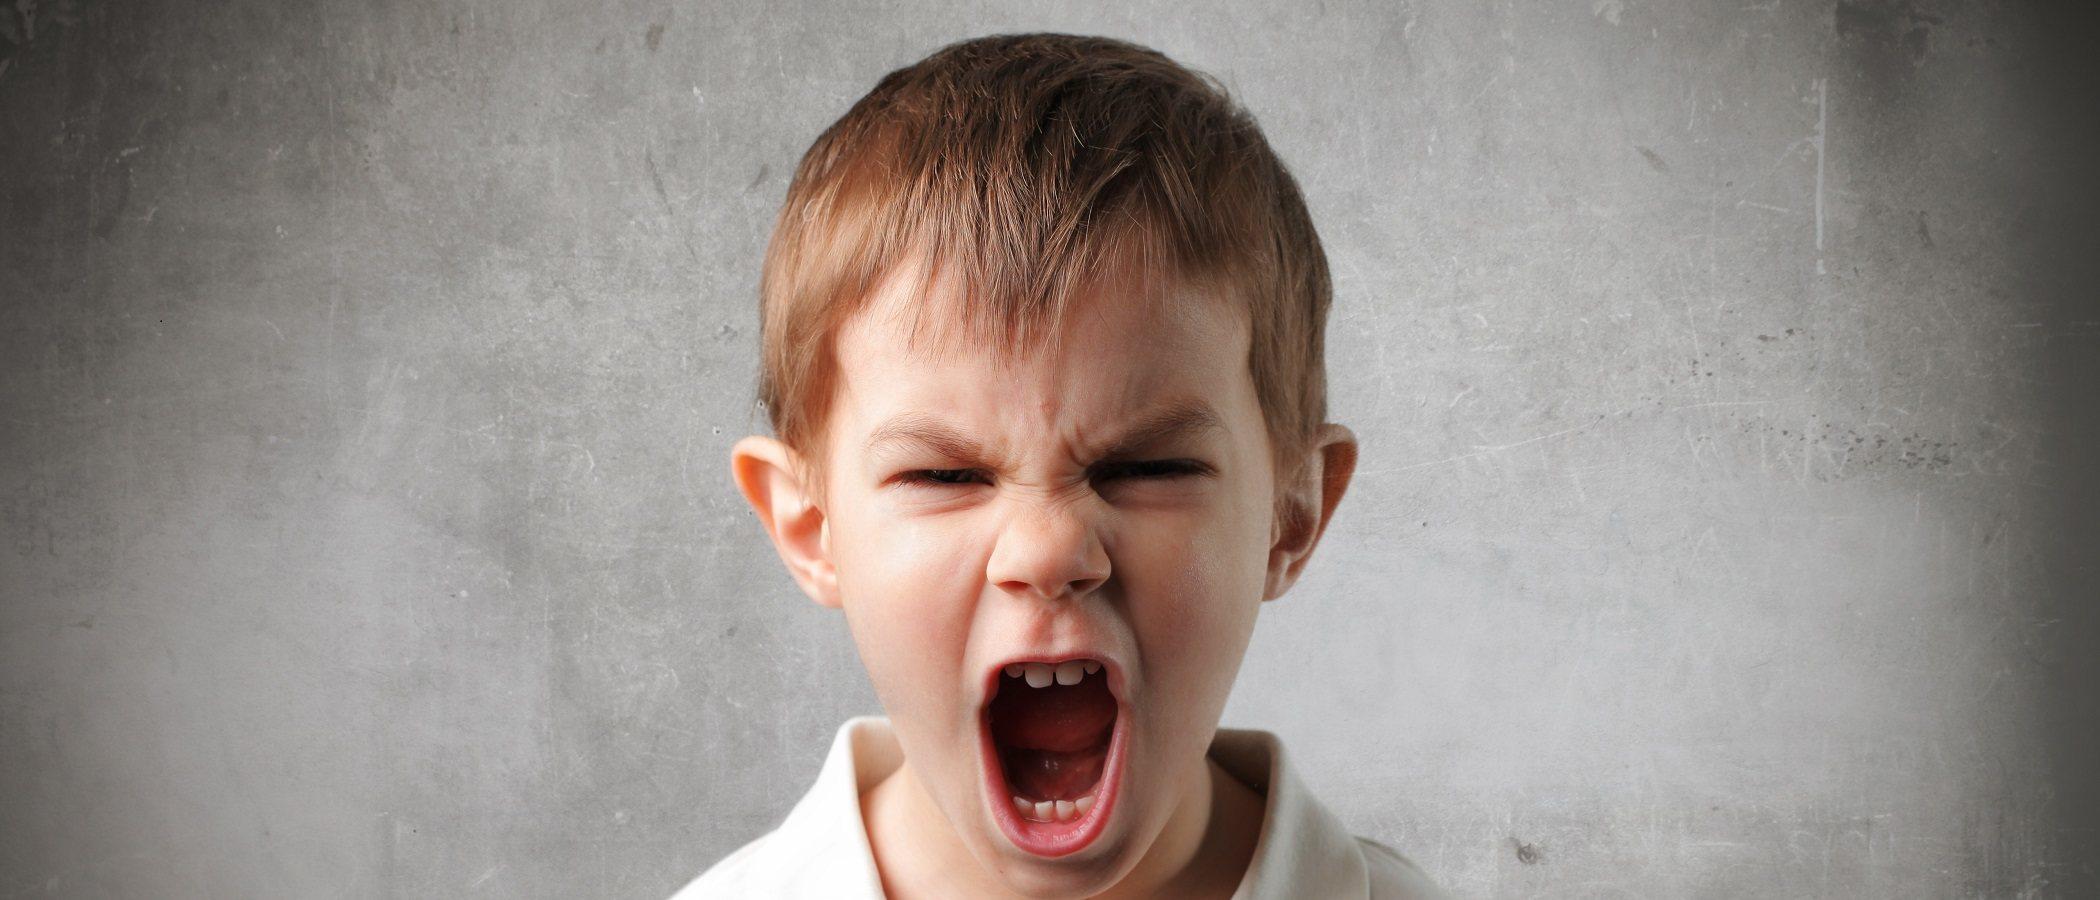 10 claves para controlar la ira en niños pequeños